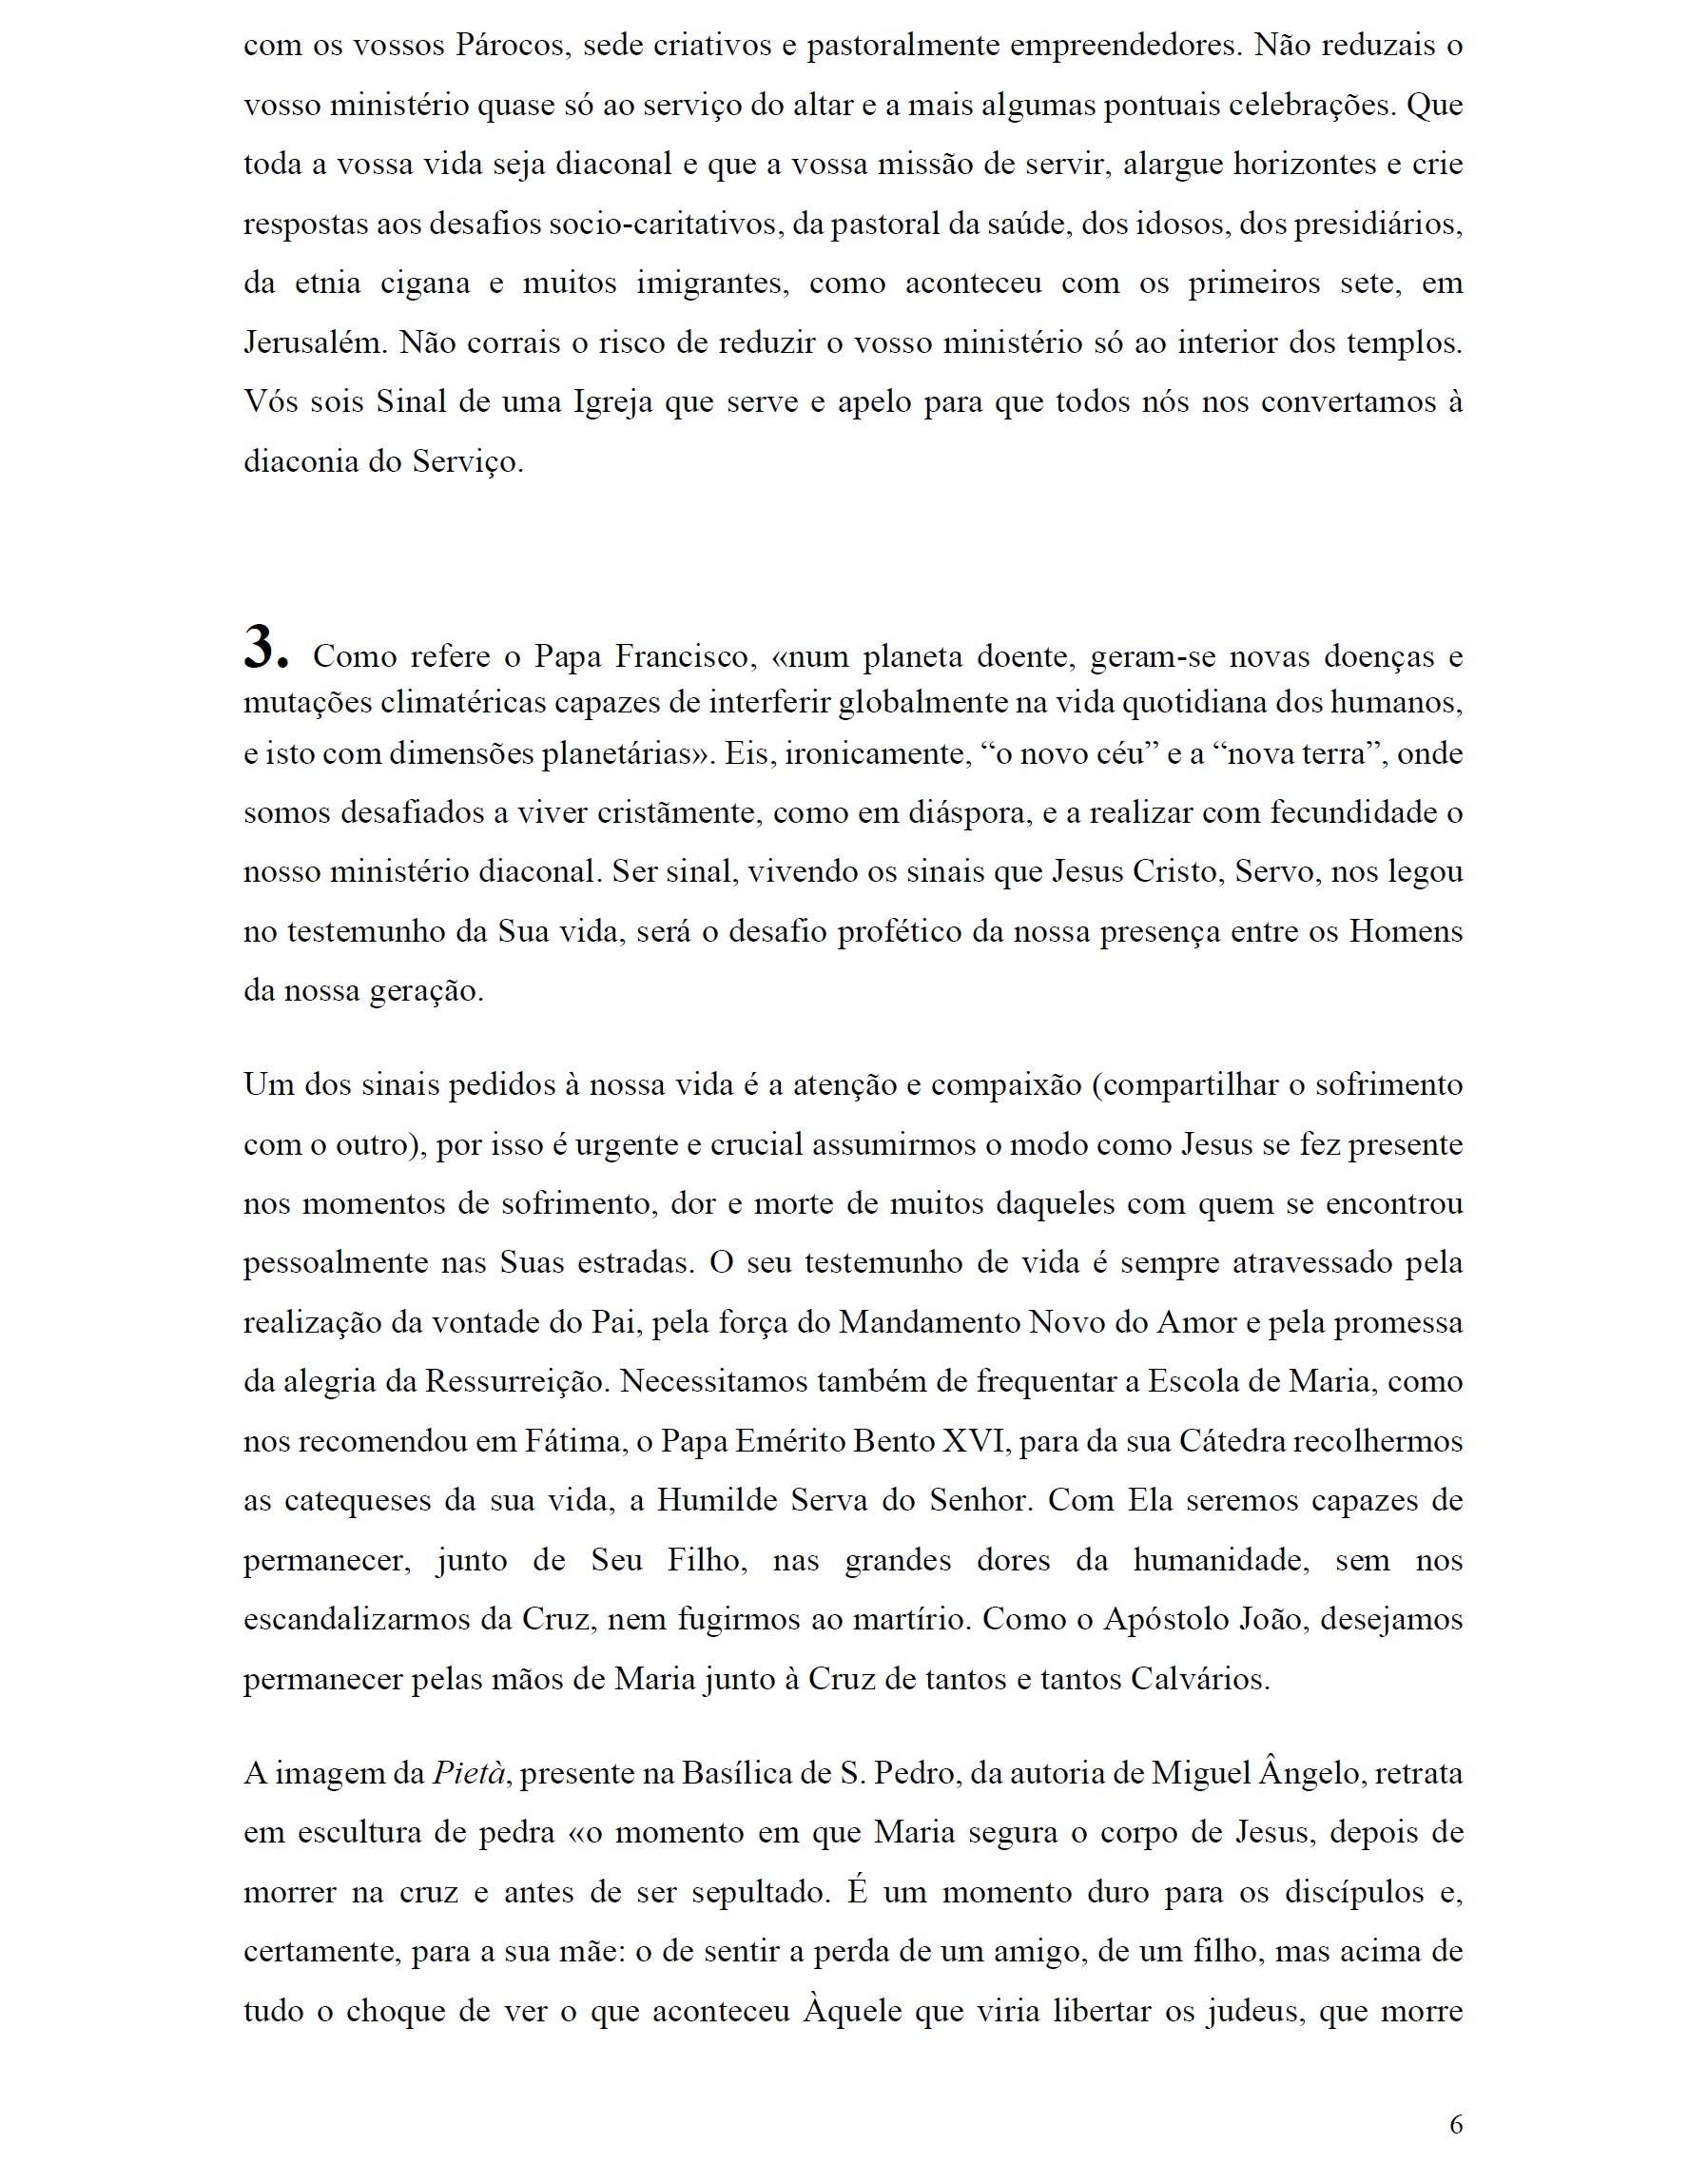 3 - Carta aos diáconos 03_04_2020_6